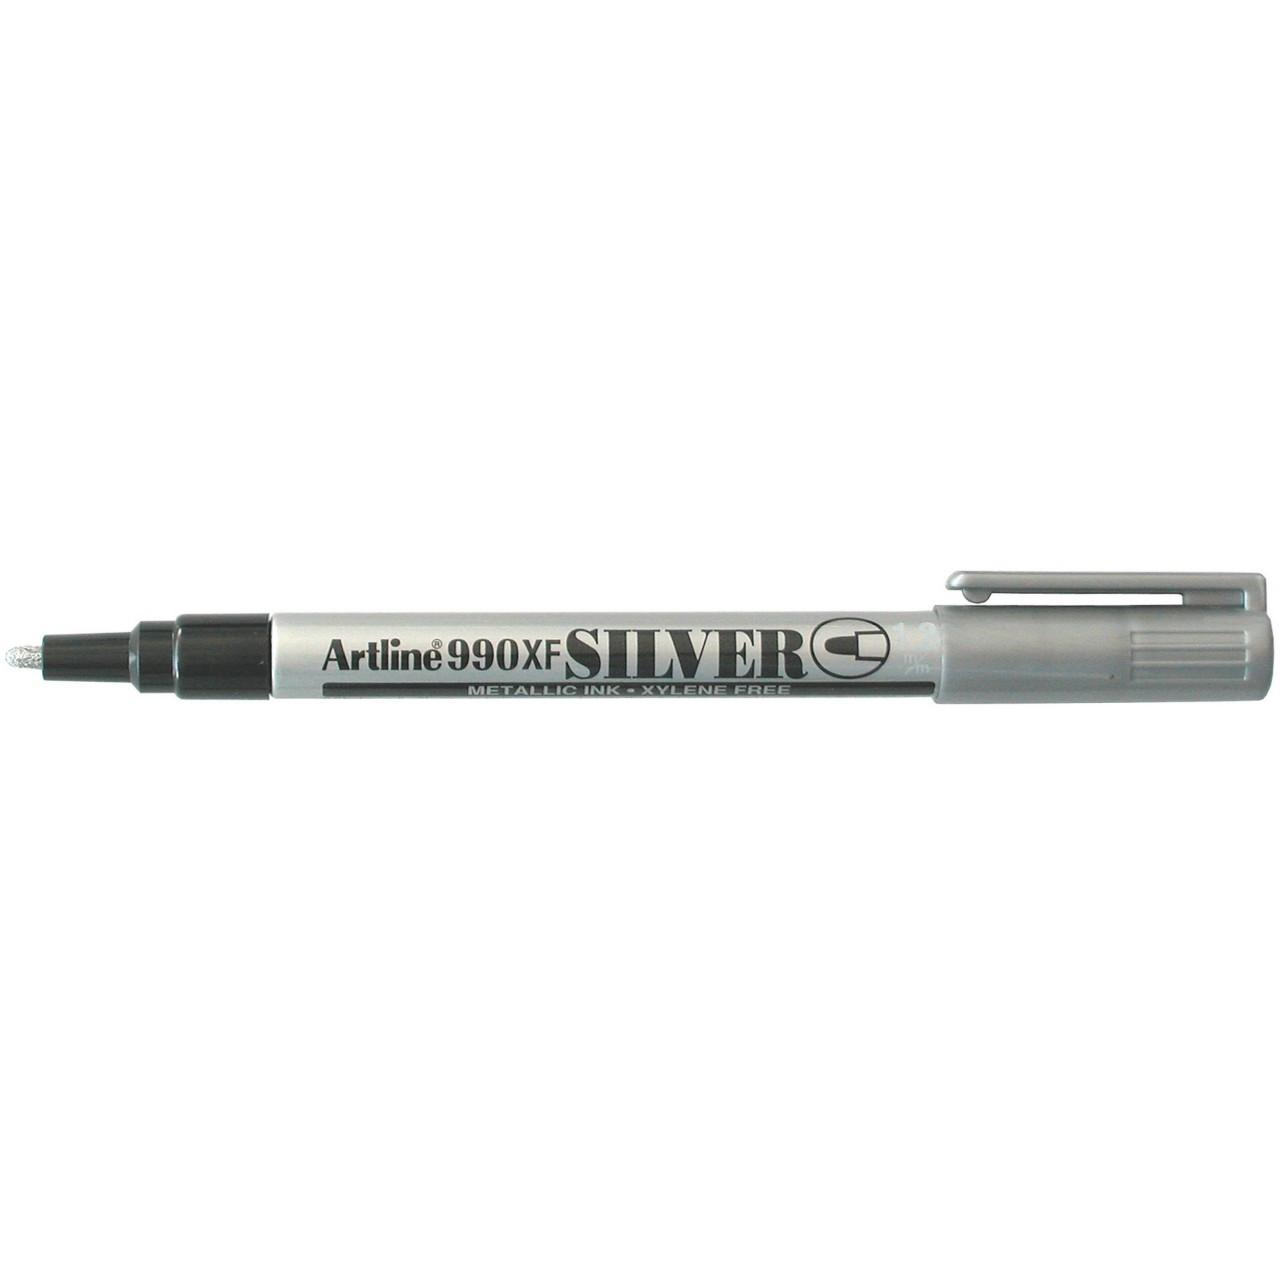 Artline 990 Metallic Marker Silver 1.2Mm Bullet Nib (Bx12)